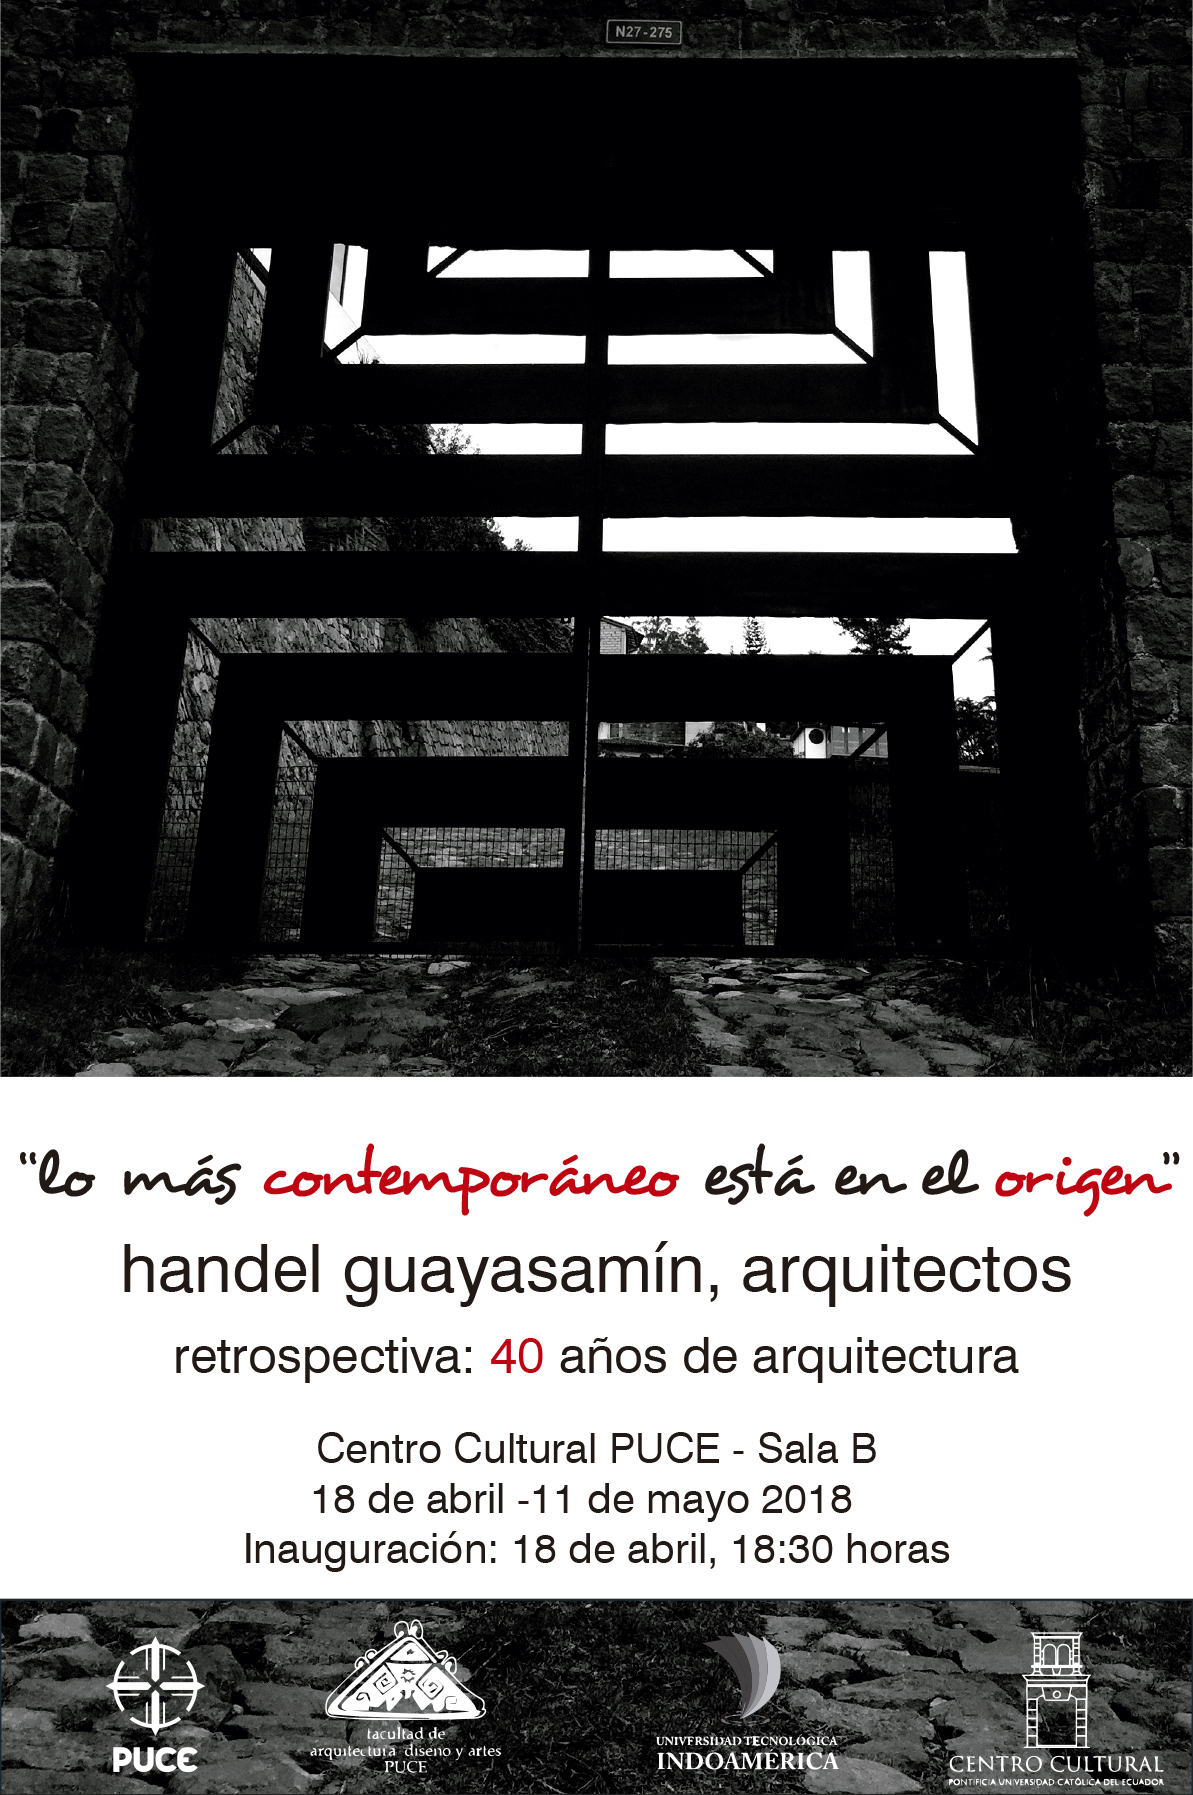 Invitacion EXPO PUCE 40 180406